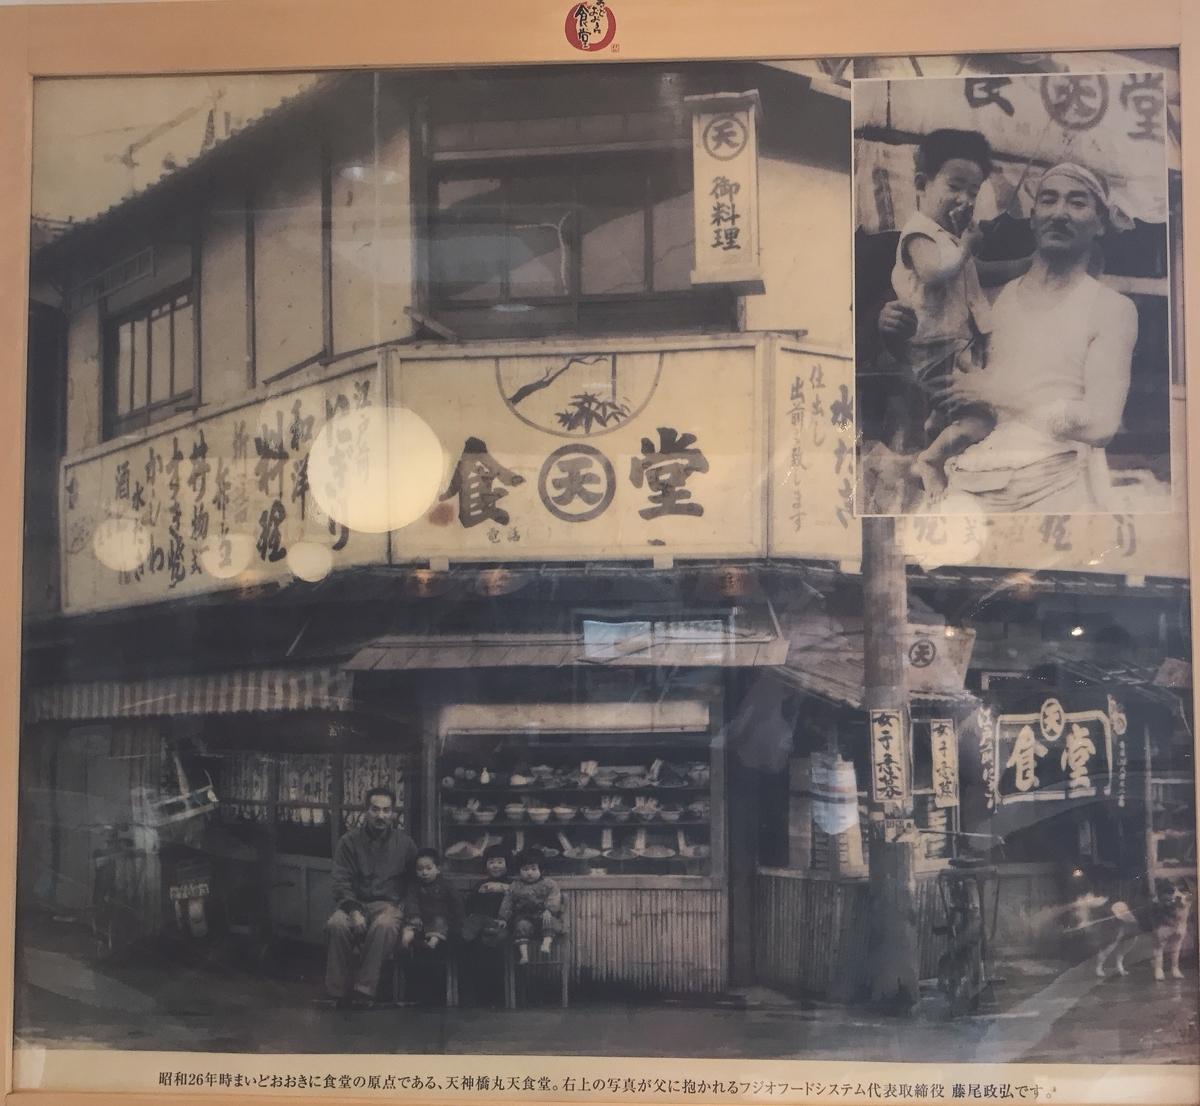 昭和26年時のまいどおおきに食堂の原点である、天神橋丸天食堂。右上の写真が父に抱かれるフジオフードシステム代表取締役藤尾政弘です。